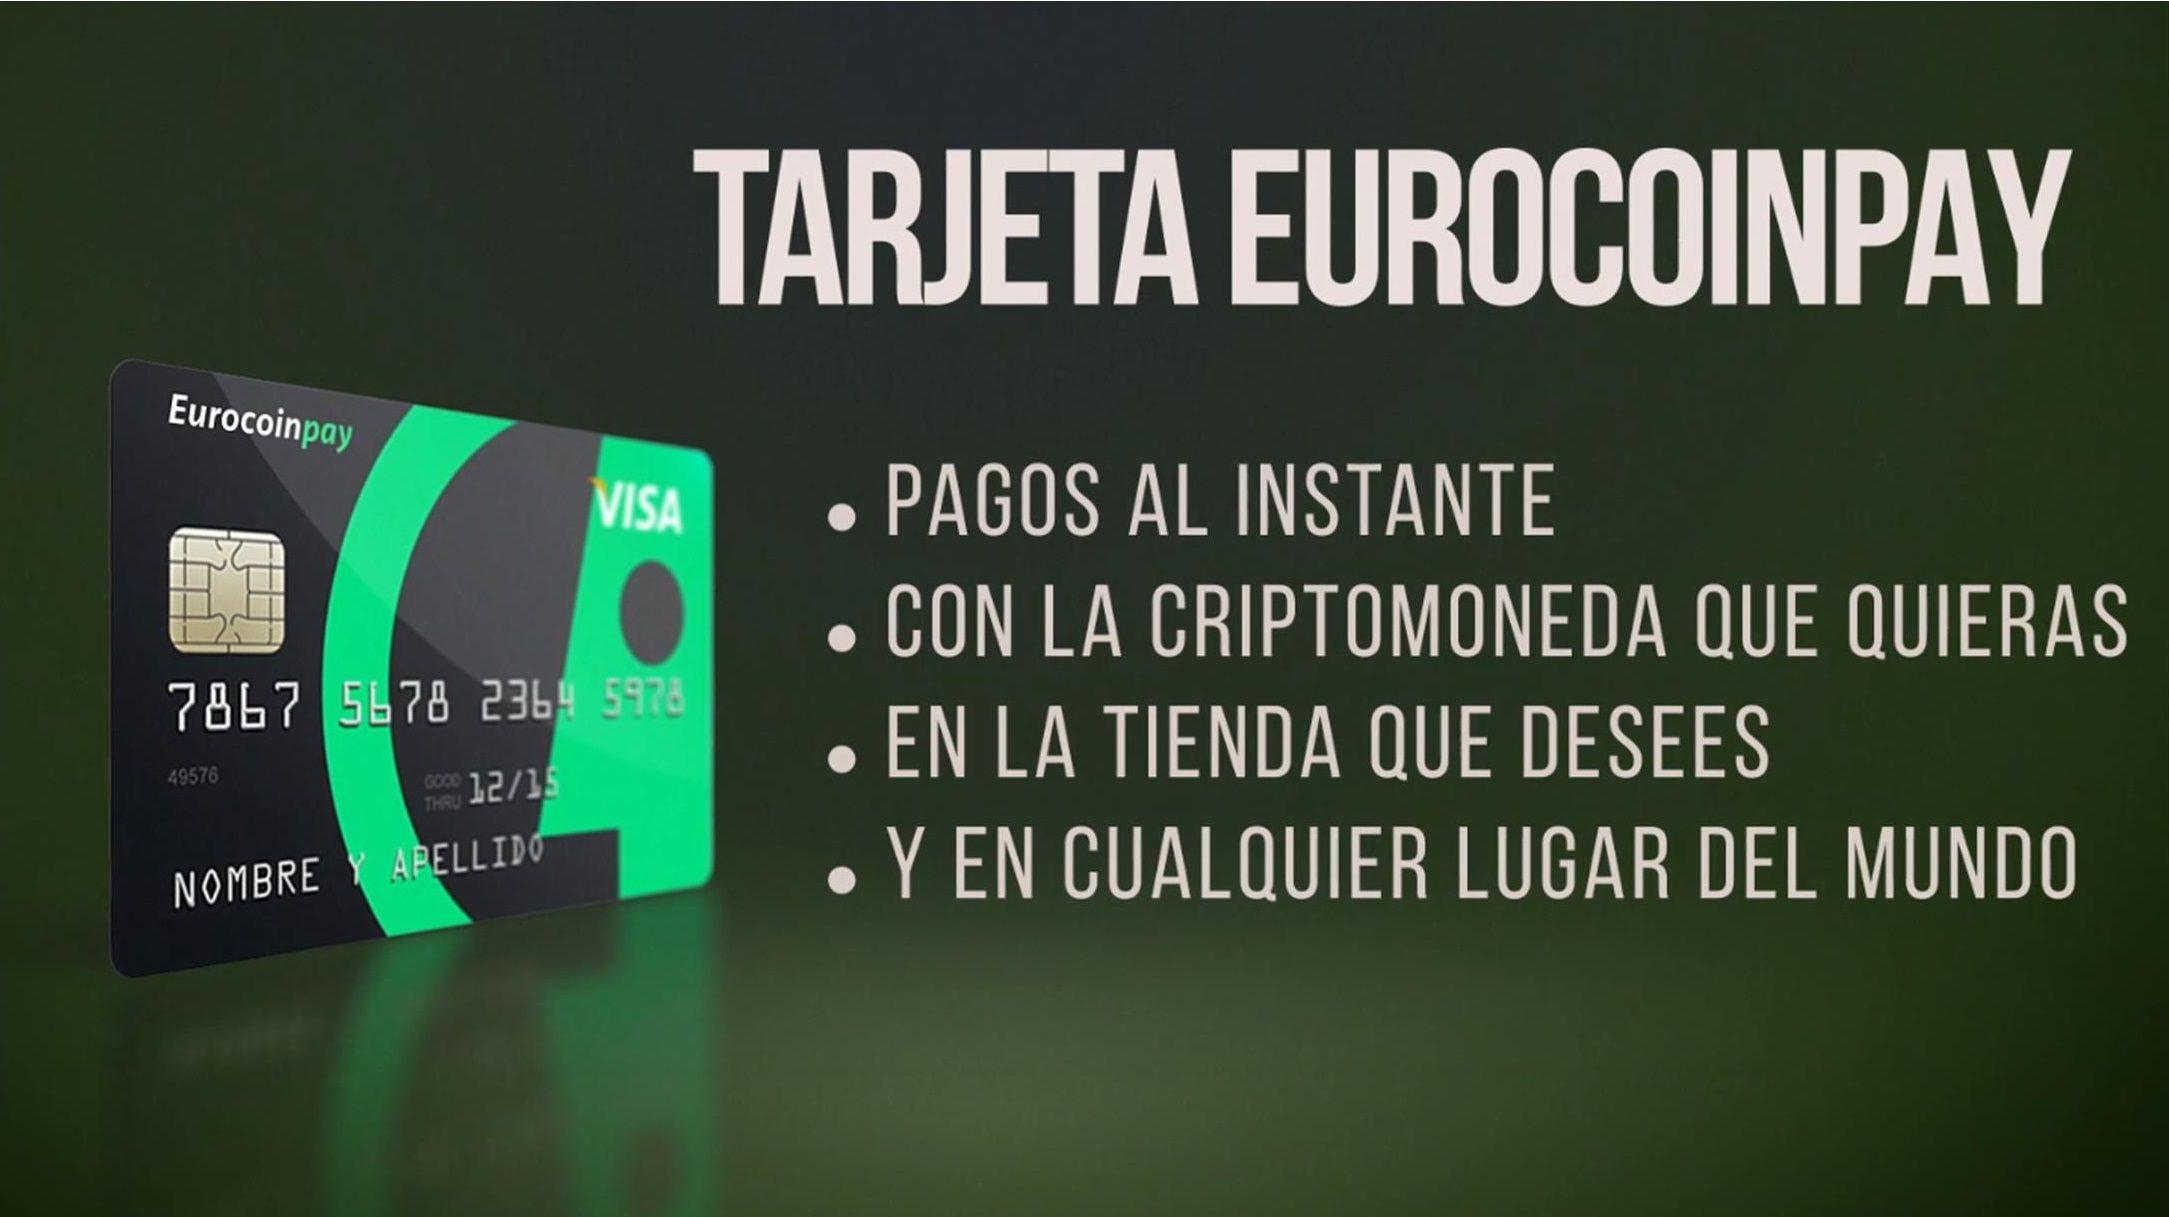 VISA Eurocoinpay: Servicios de Eurocoinpay